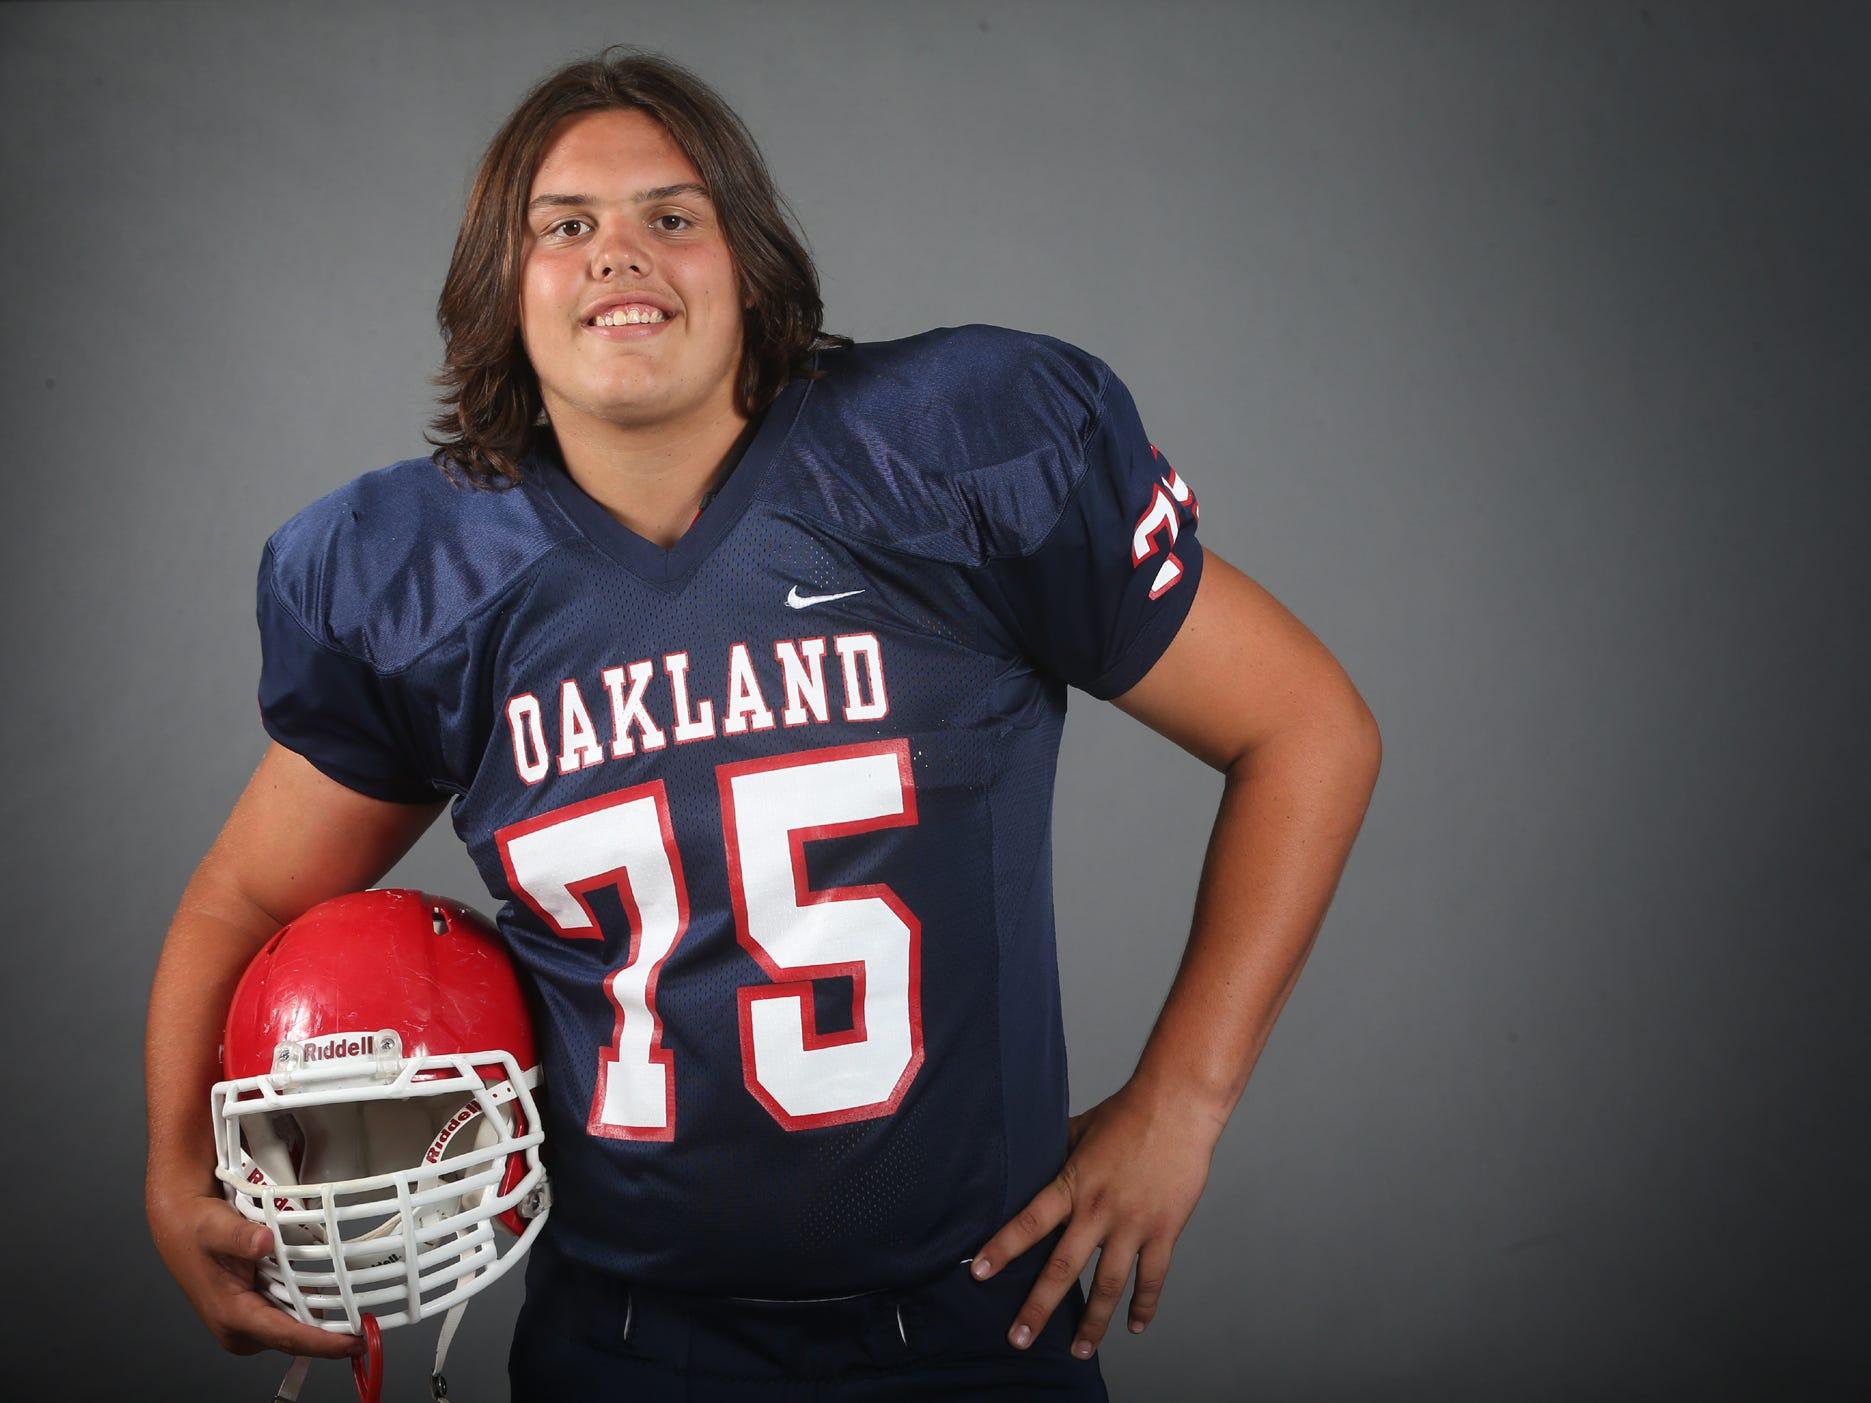 Jack Jones of Oakland.